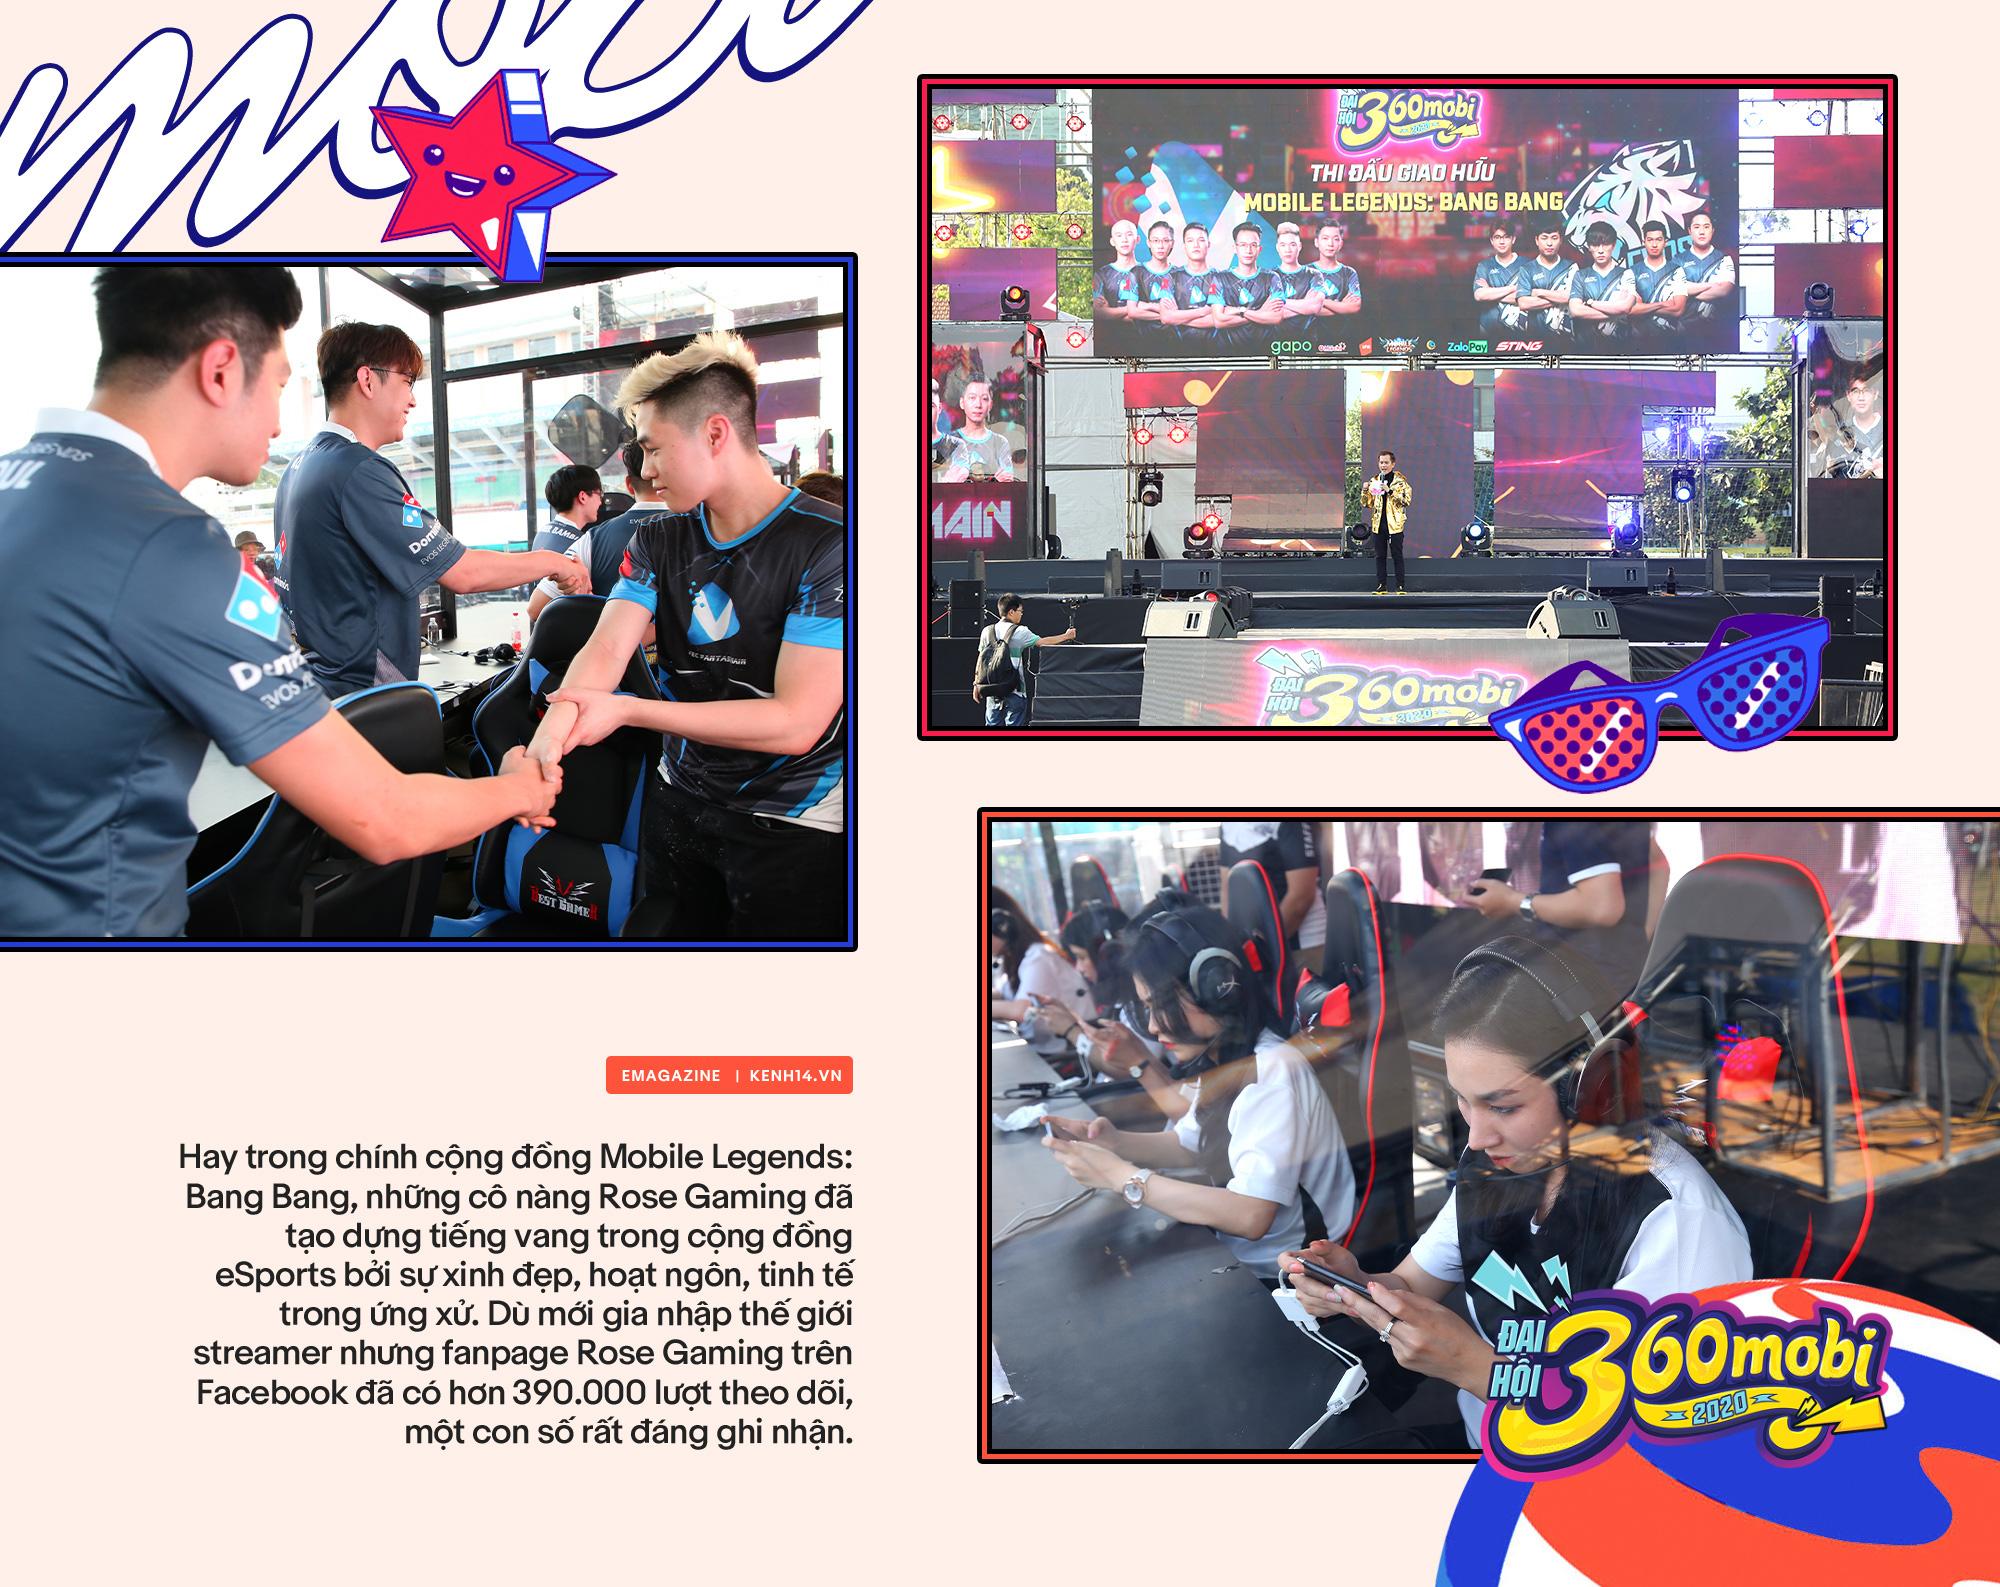 """Esports Việt và hành trình tìm chỗ đứng trong ngành giải trí: Từ những buổi Off Game trong """"bóng tối"""" tới Đại hội 360mobi hơn 70.000 người tham dự - Ảnh 3."""